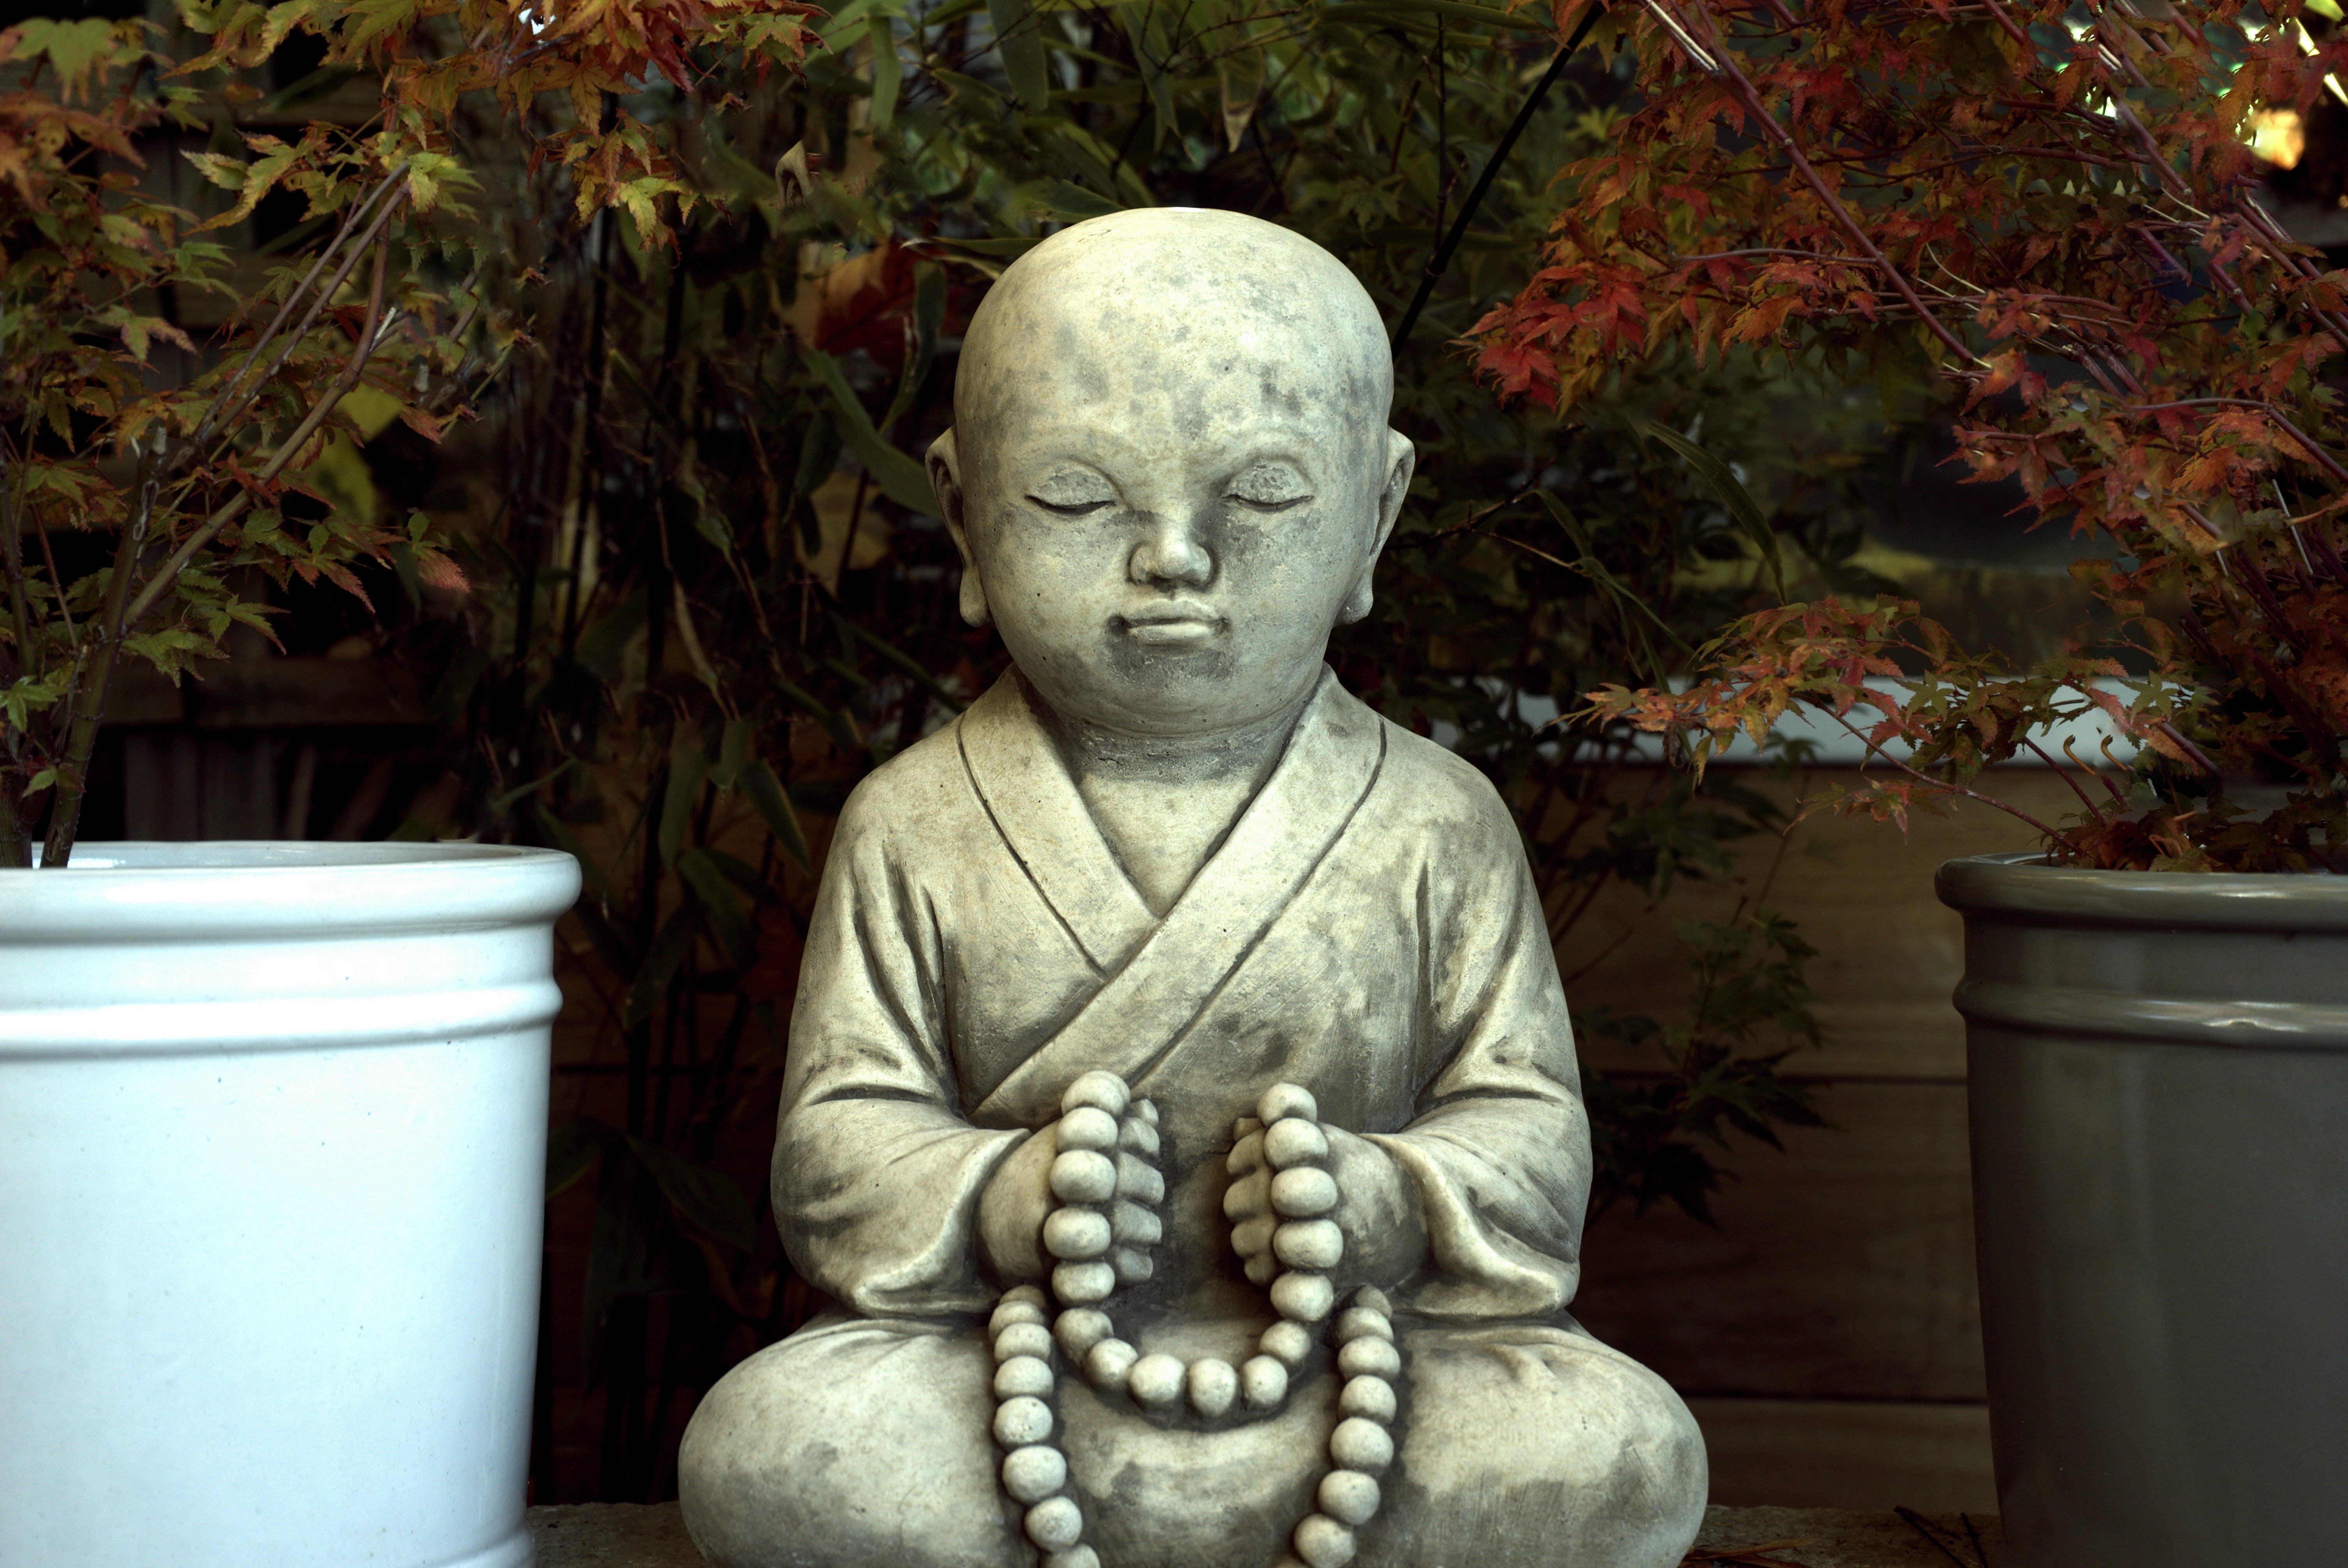 Kostnadsfri bild av andlig, andlighet, anläggning, Asien